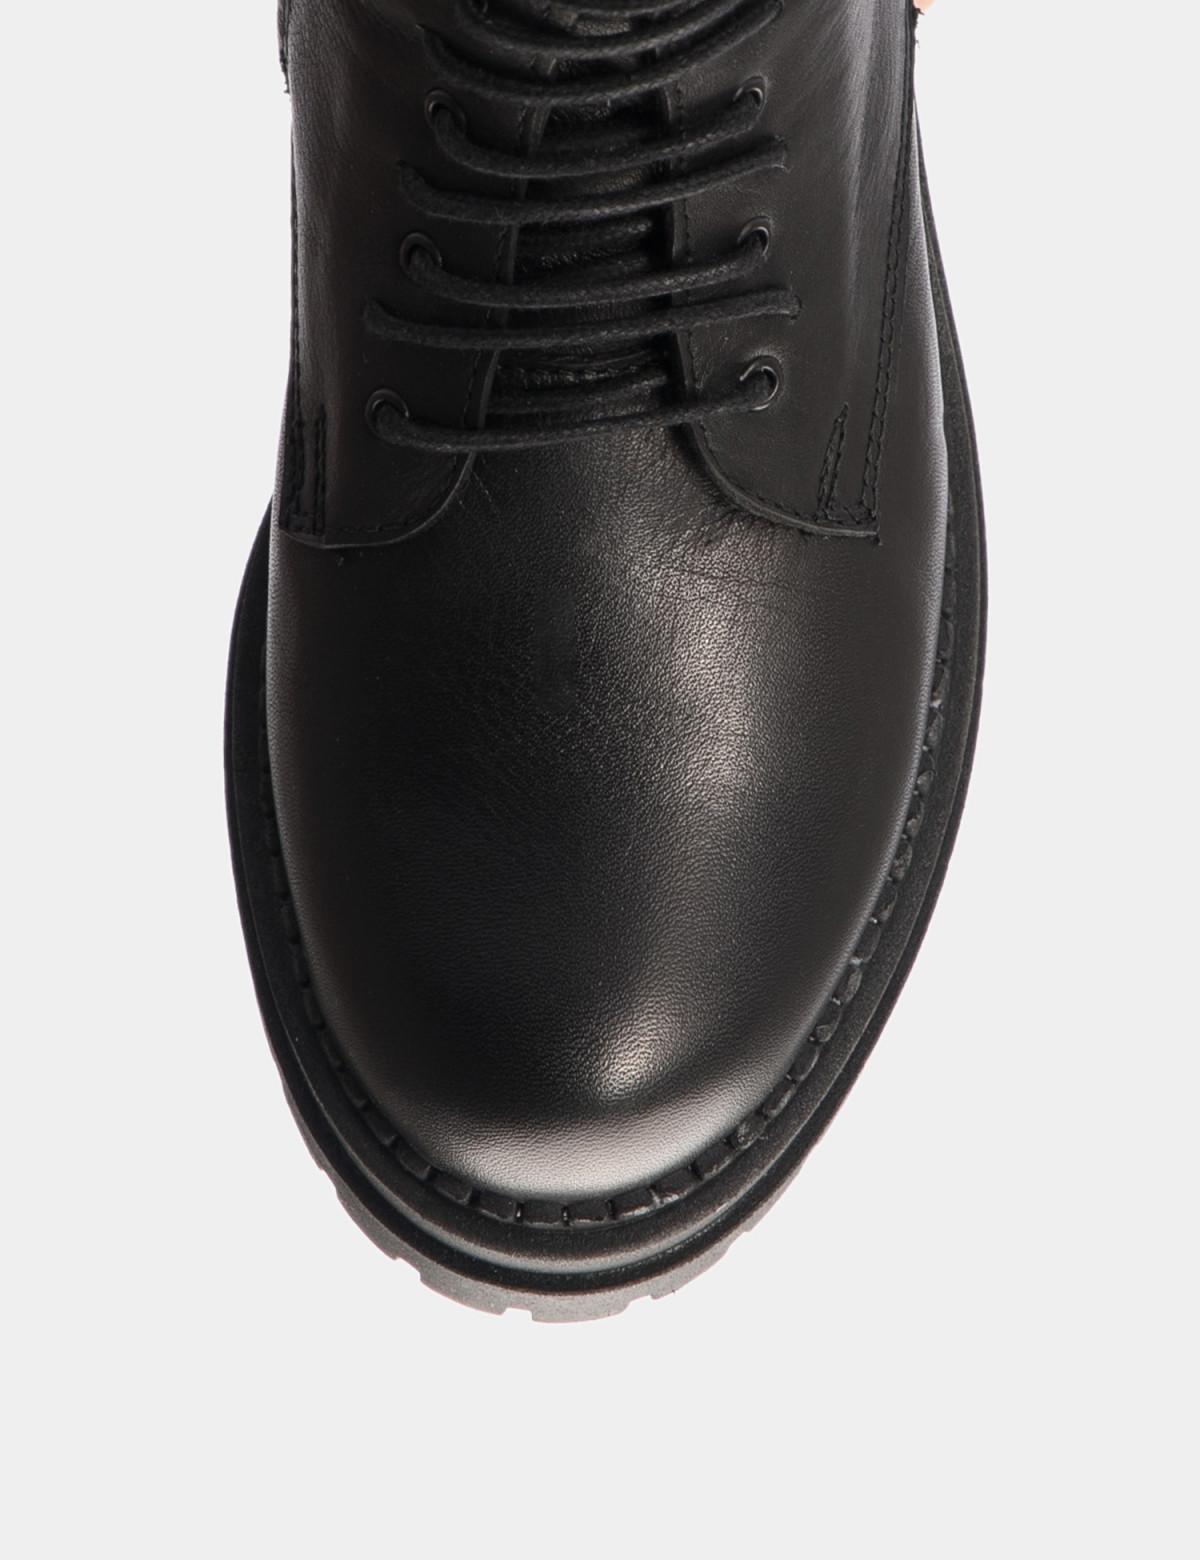 Ботинки черные. Натуральная кожа. Шерсть3